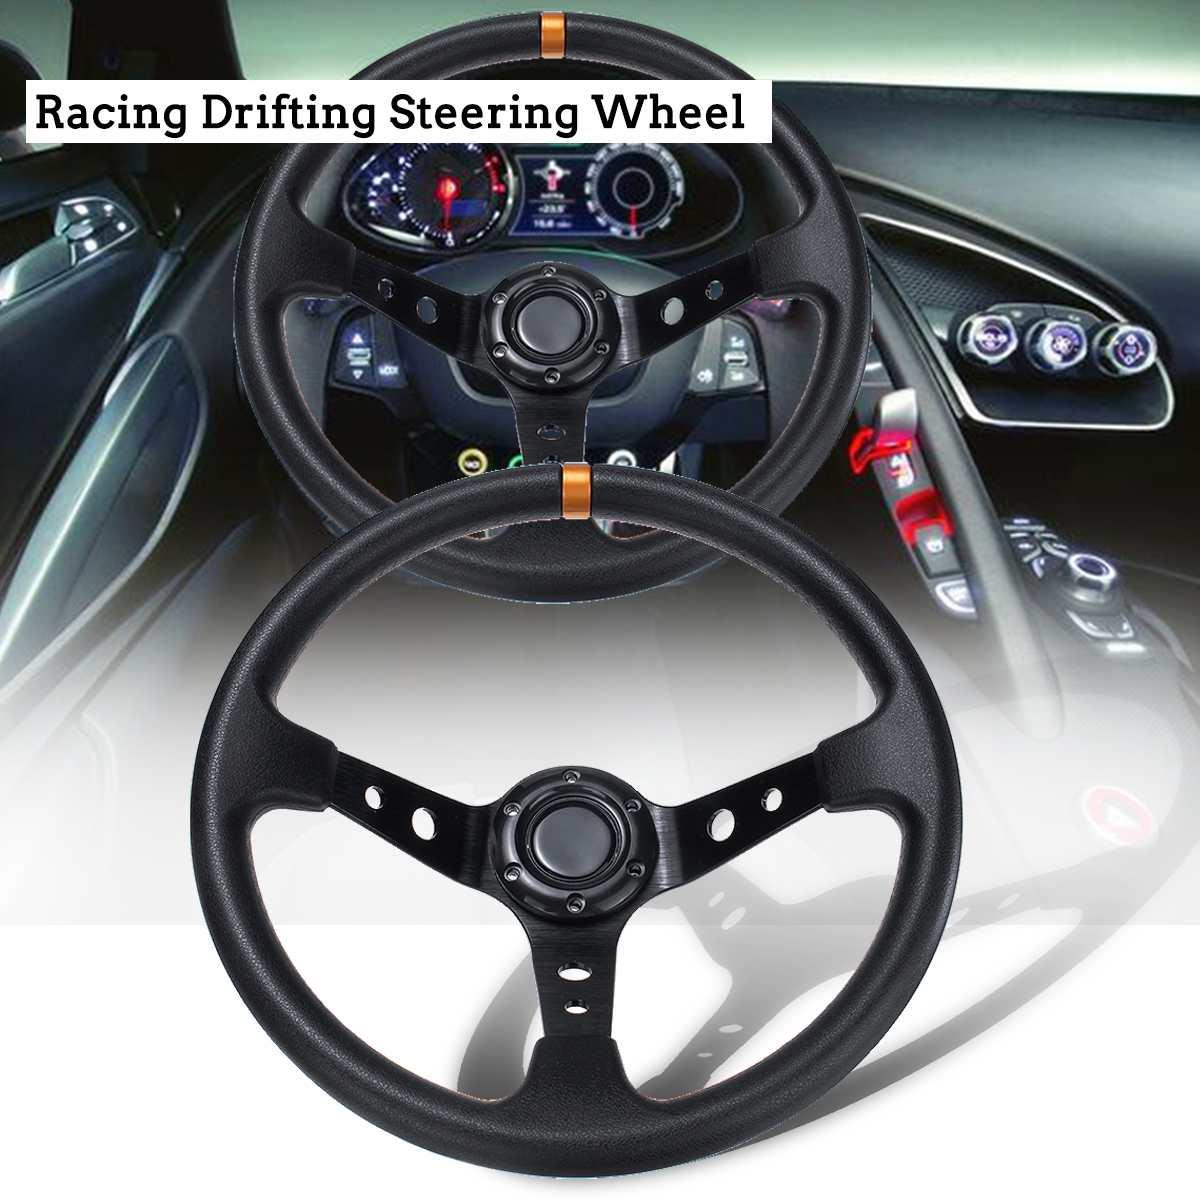 Auto Volante da Corsa Drift Auto Volante Sportivo Ruota 14 Inch 350 Mm Pu & Universale in Alluminio Corn Deep Dish parti Modificate